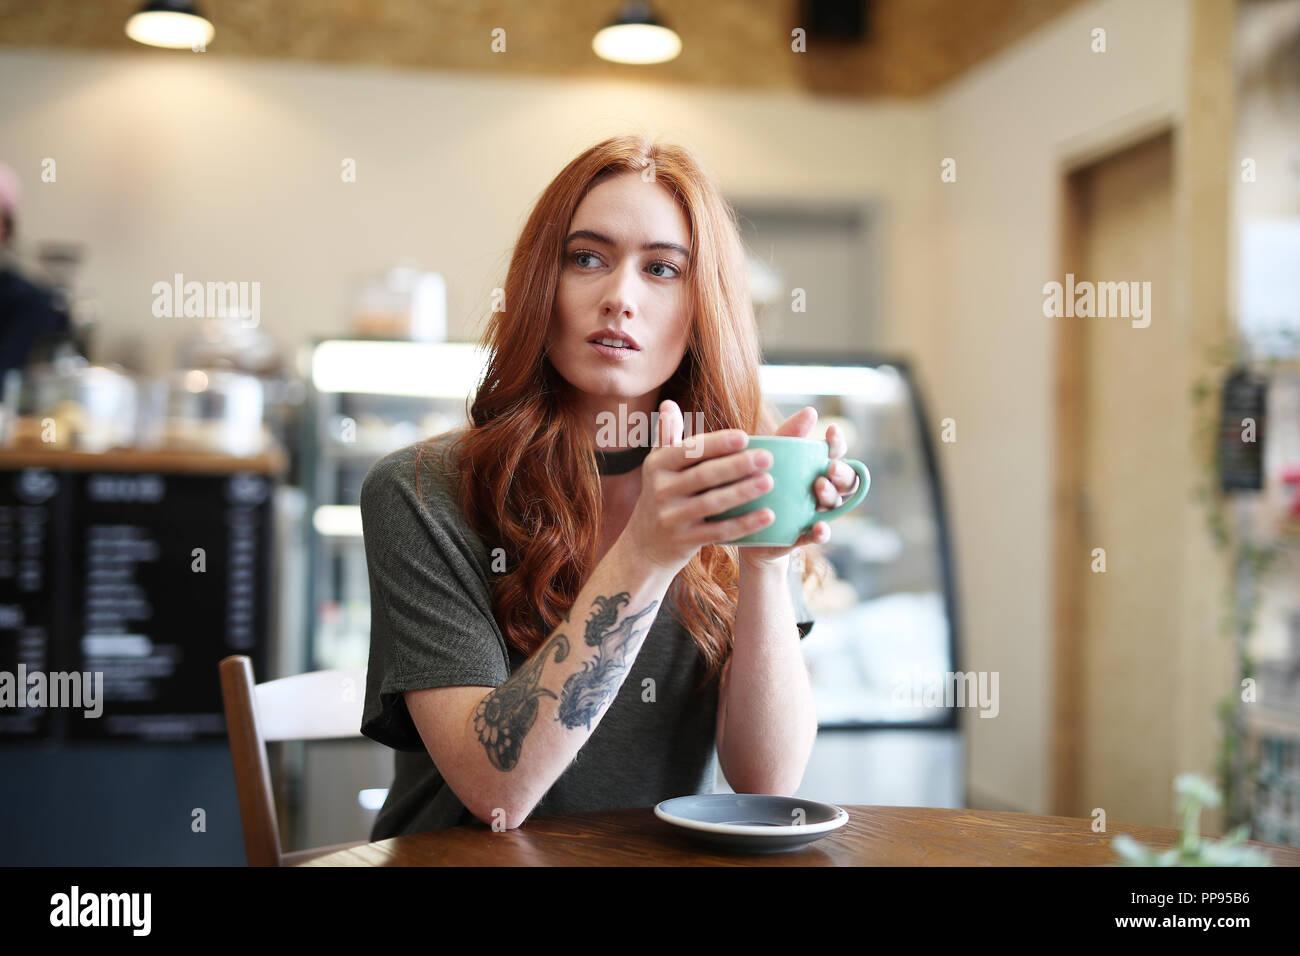 Une femme avec un tatouage bras est assis à une table en bois tenant une tasse de Cappuccino dans un bol vert Banque D'Images